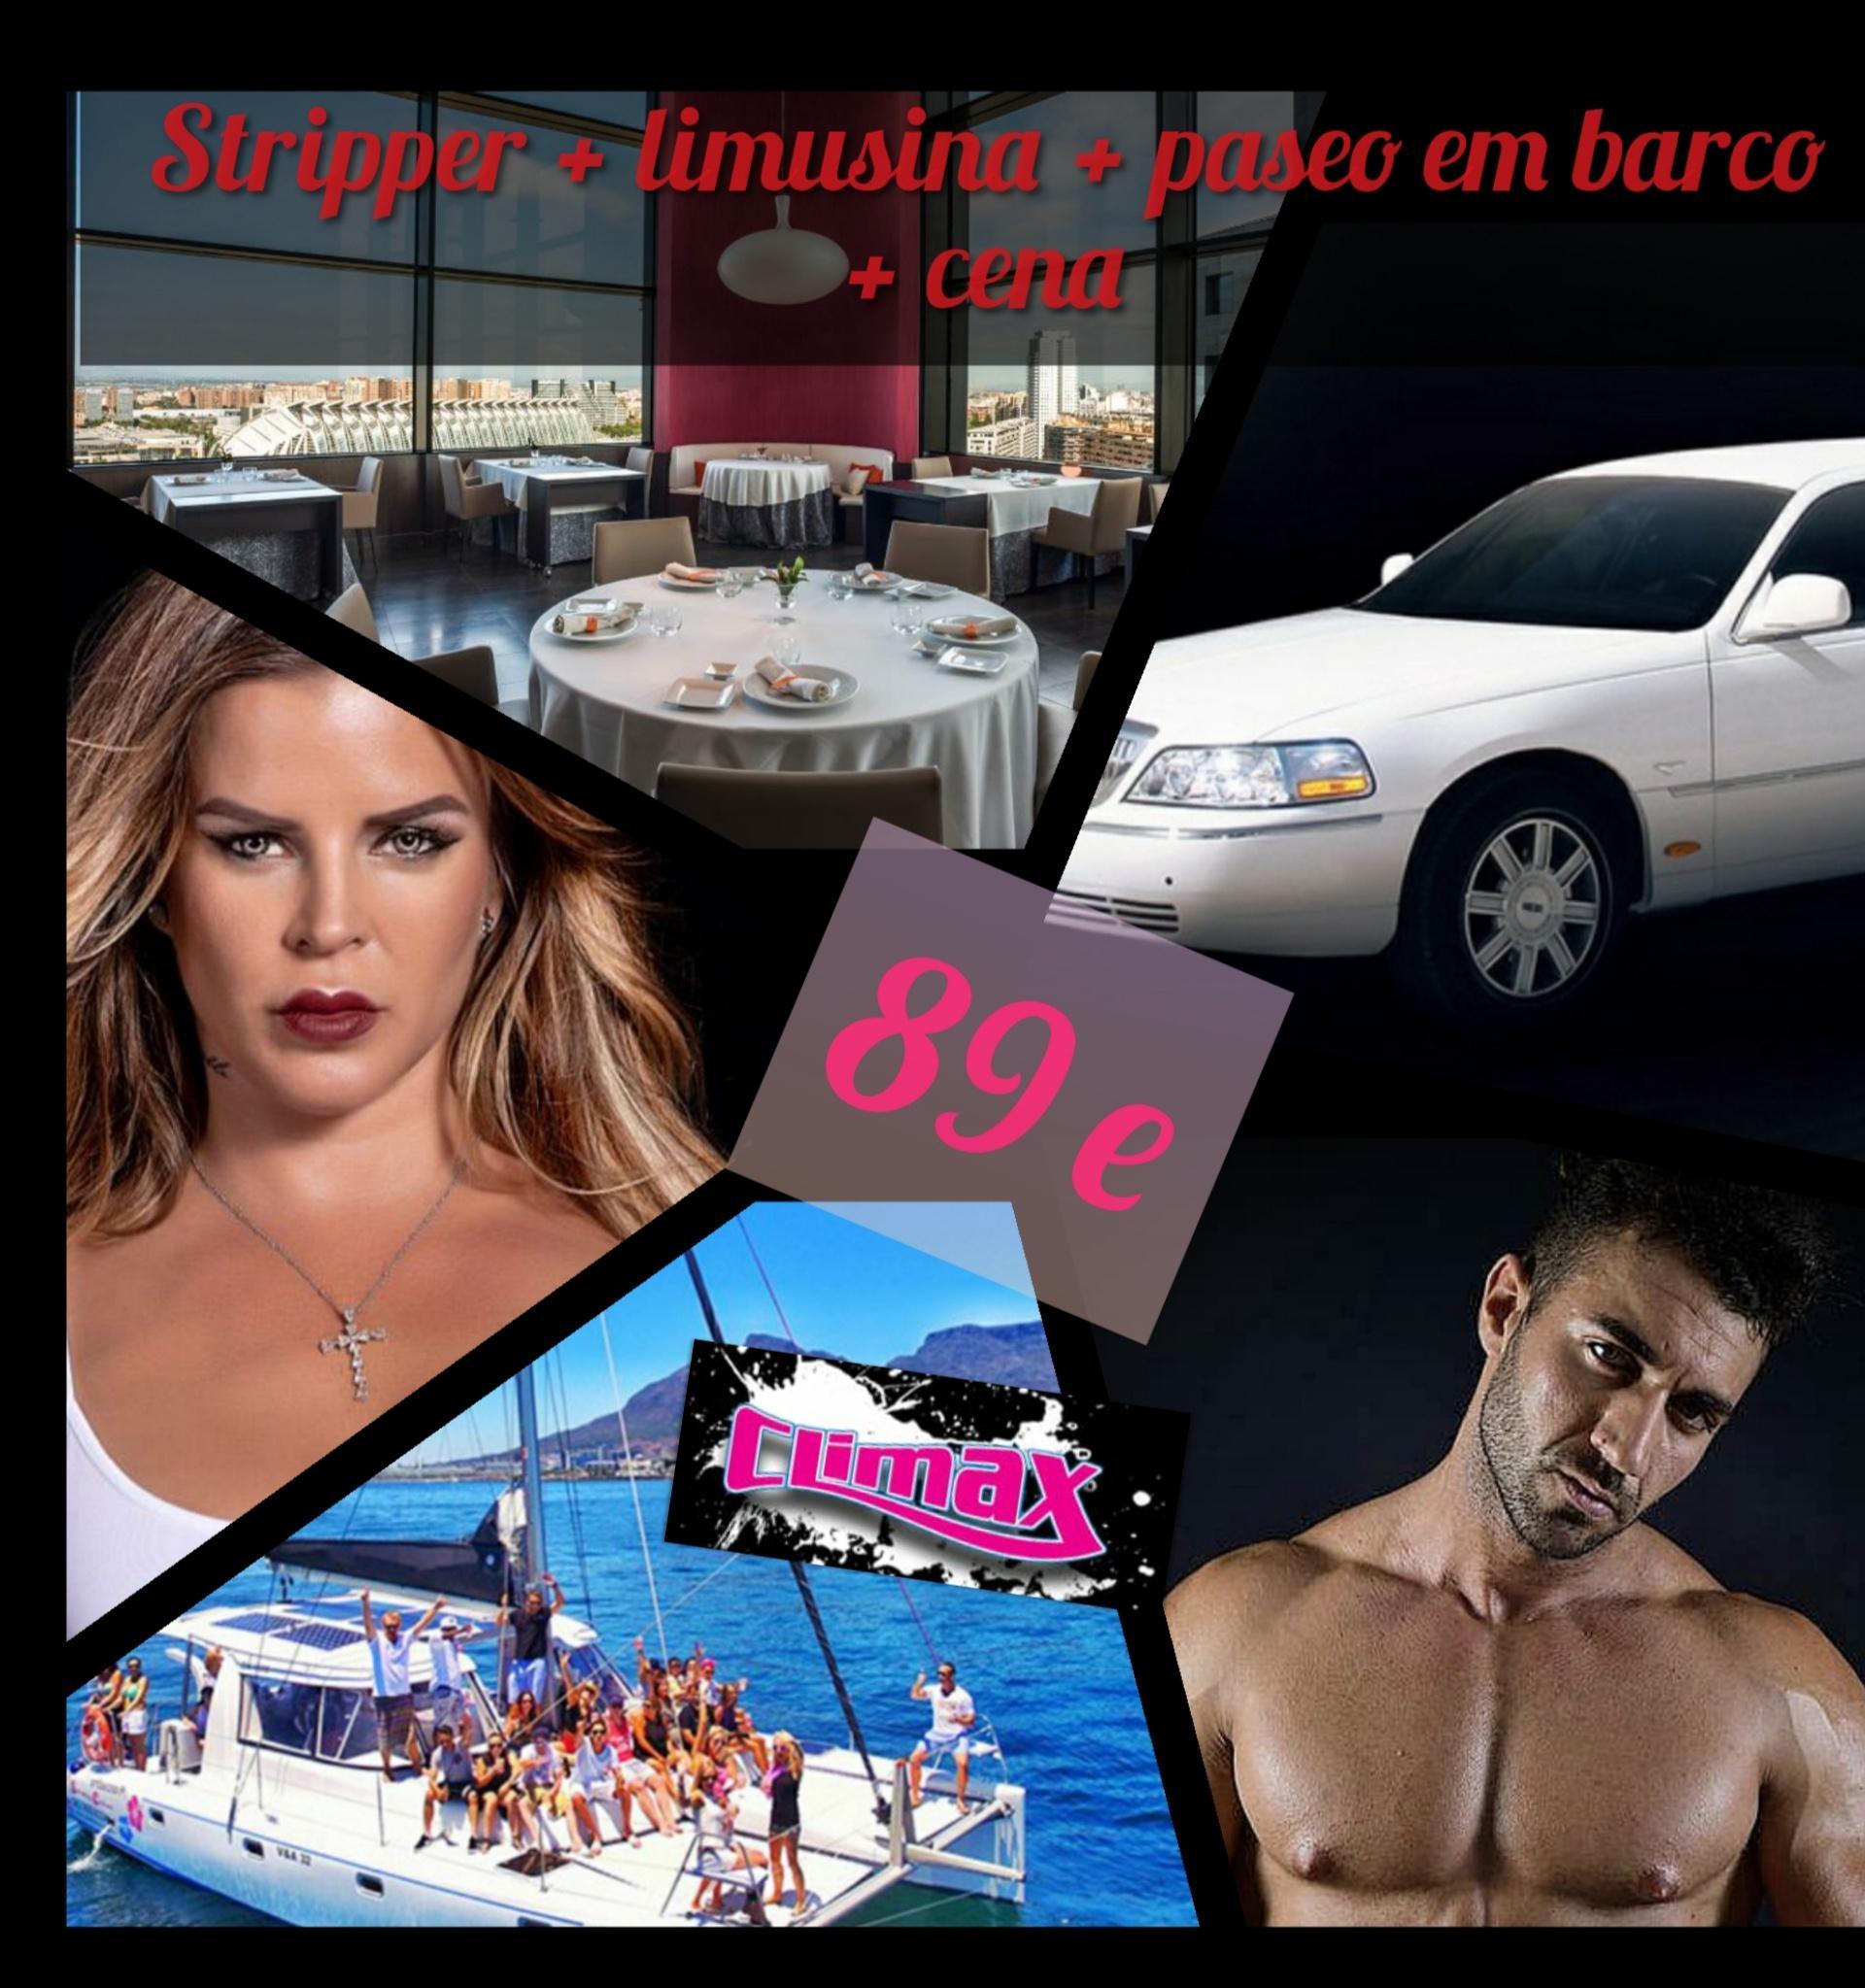 Stripper + limusina + paseo en barco + cena